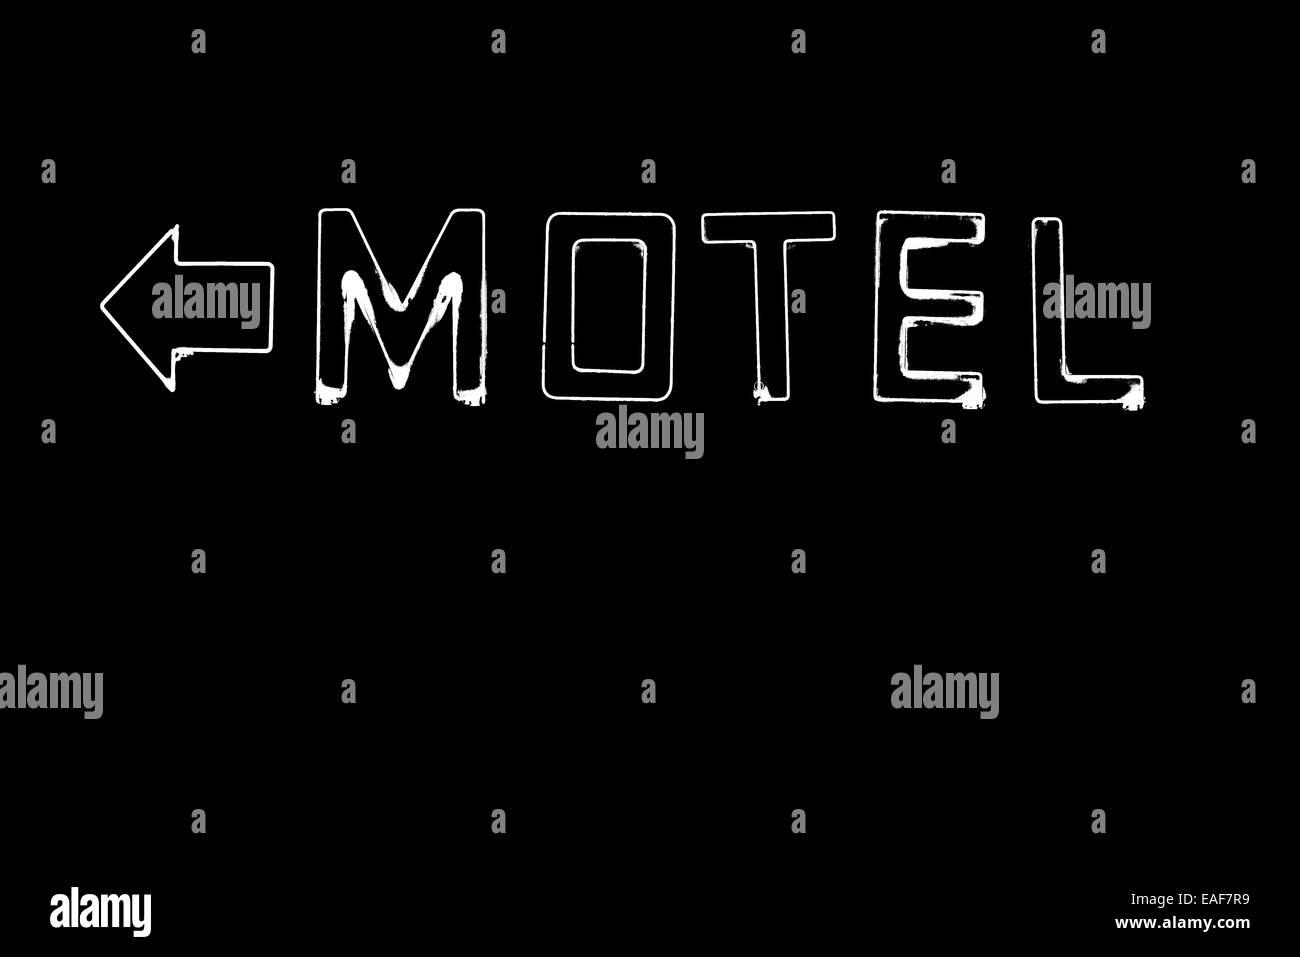 Neon motel sign lit up at night, Walla Walla, Washington. - Stock Image